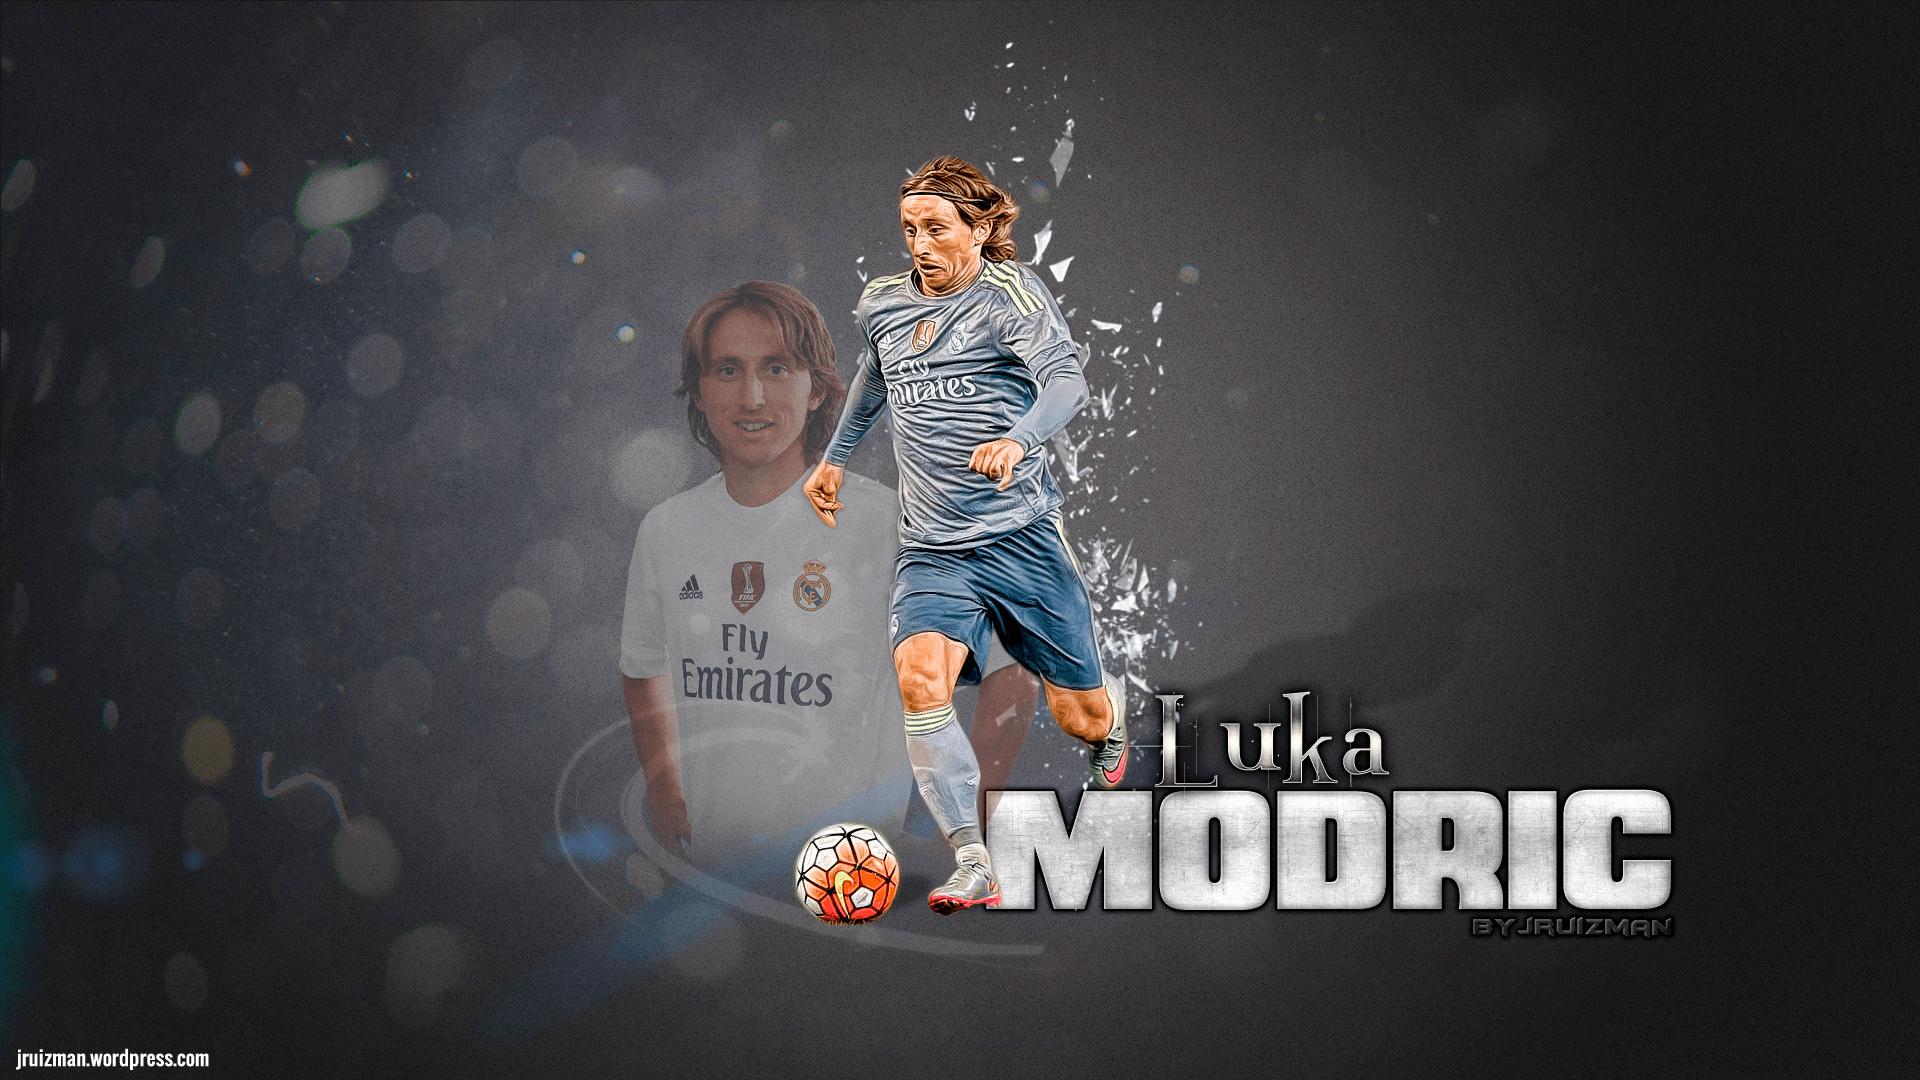 Tải hình nền Luka Modric